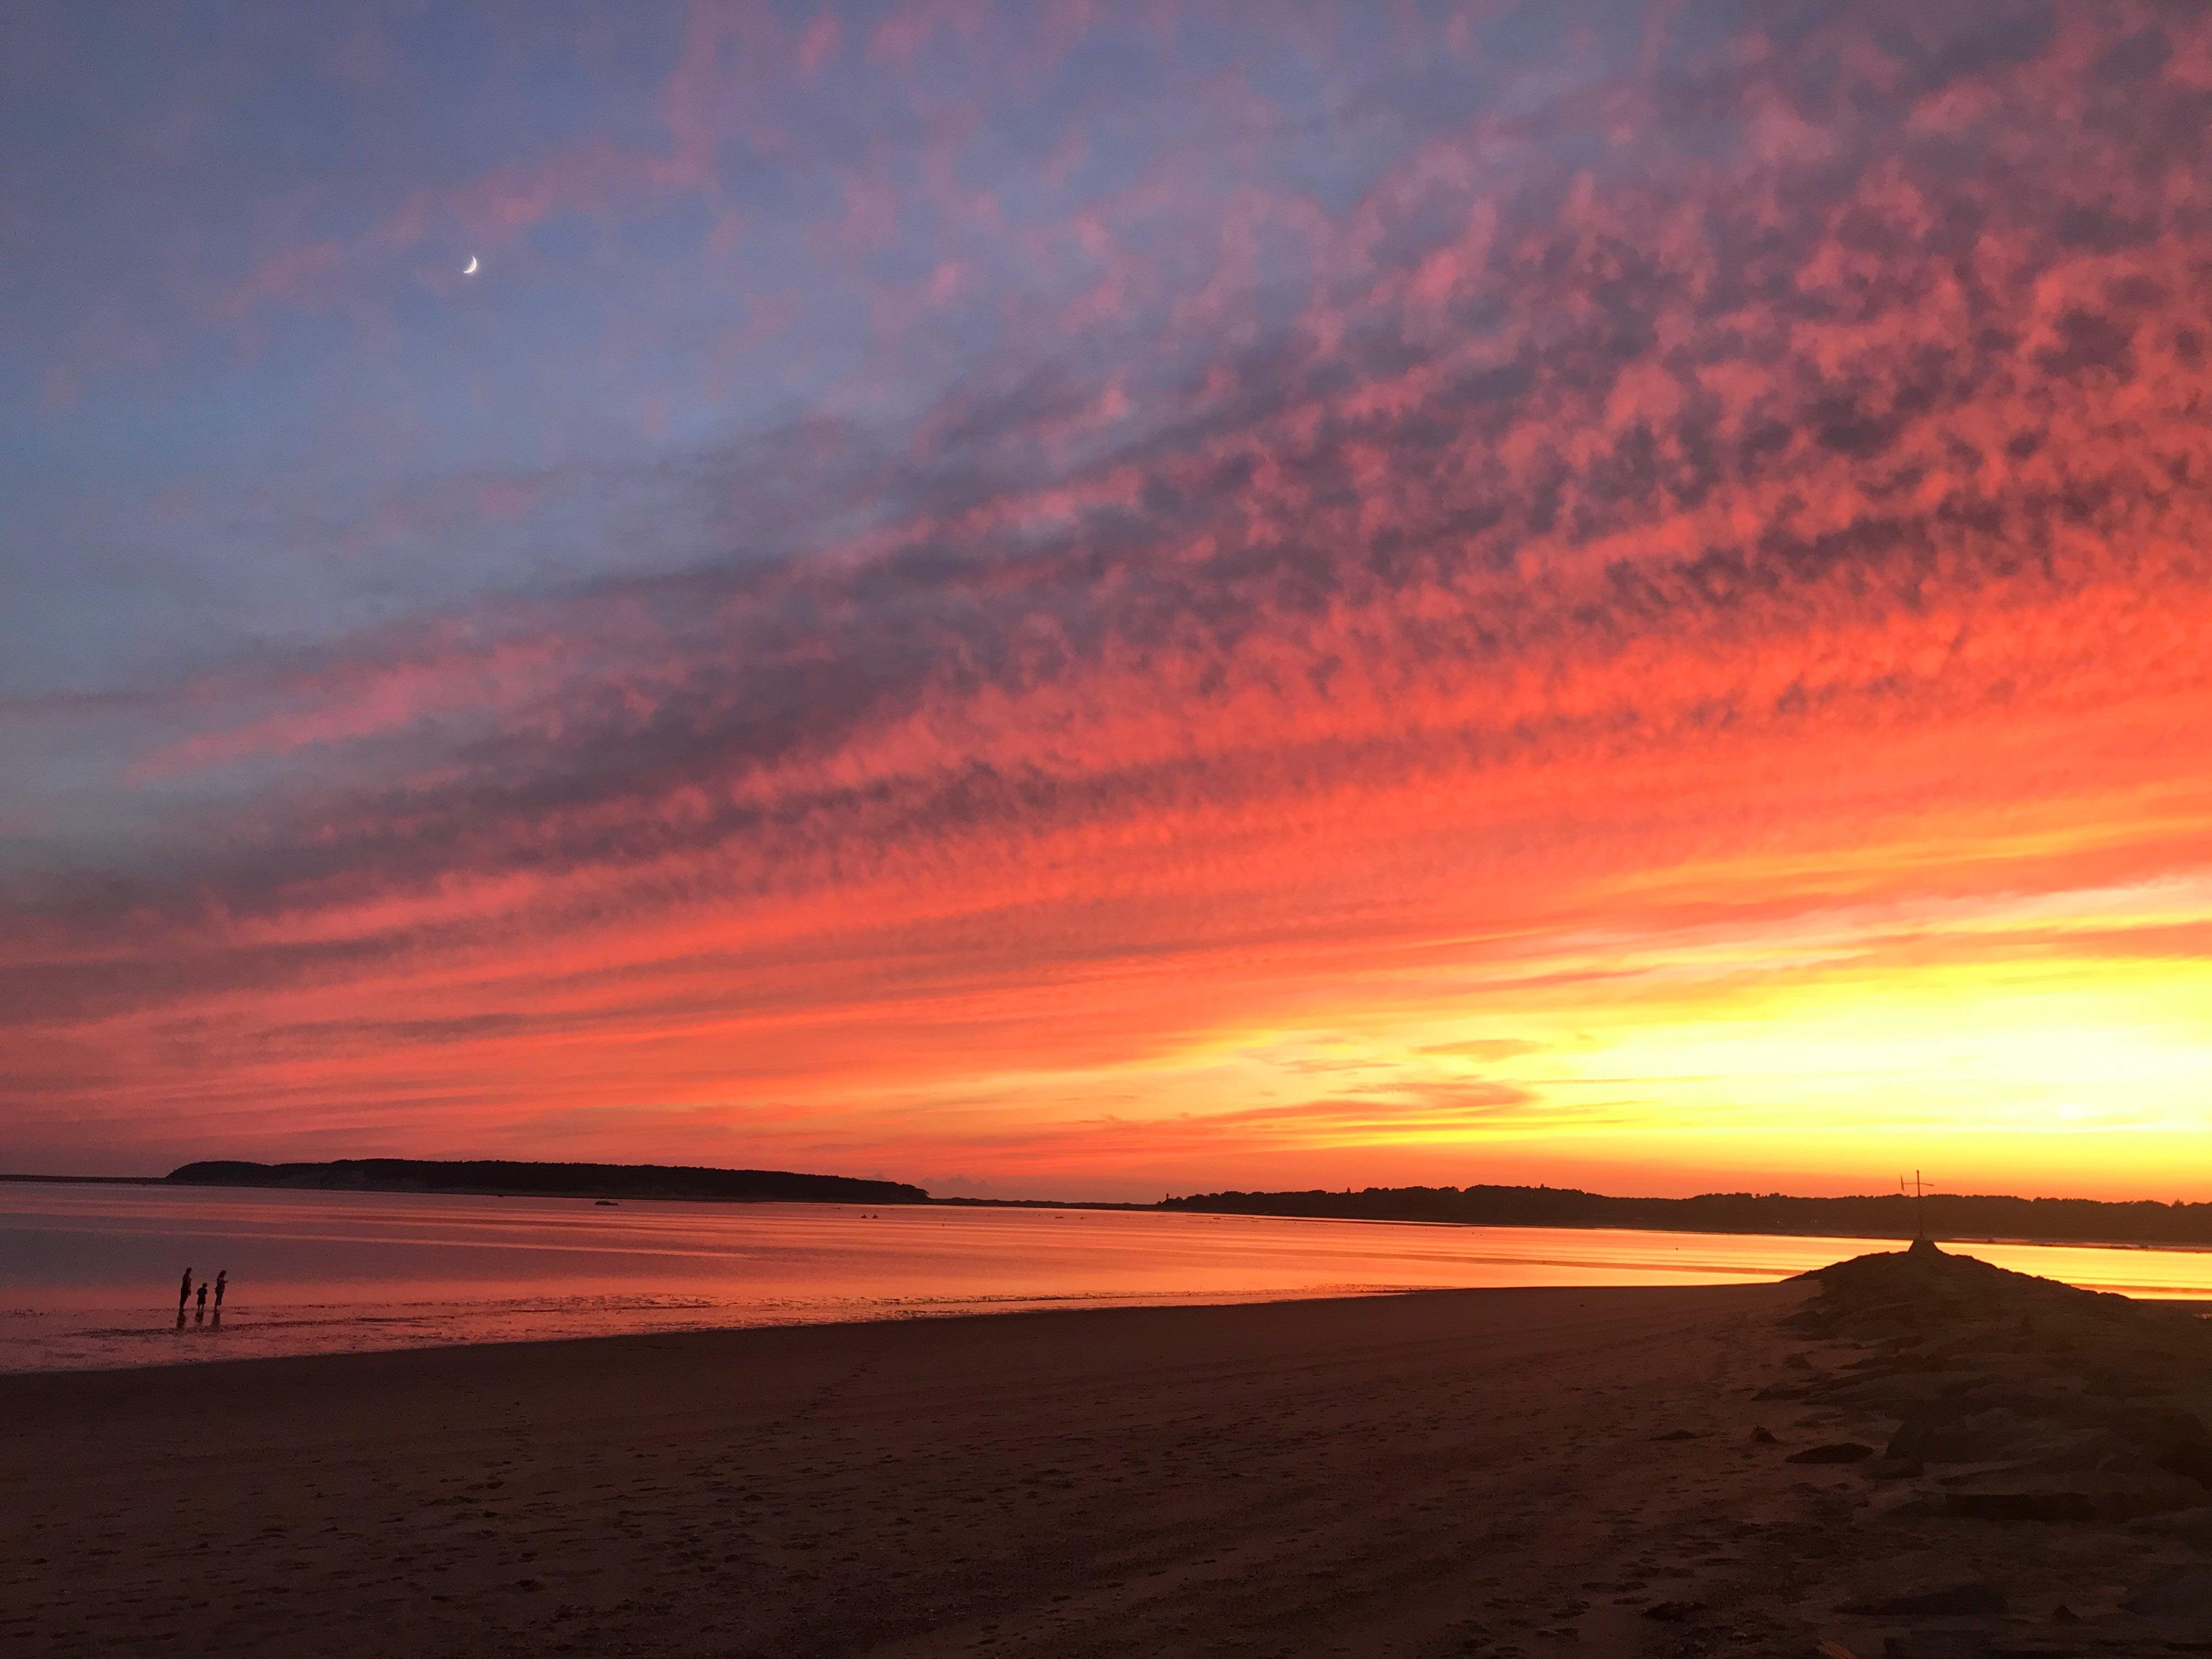 Wellfleet Cape Cod sunset